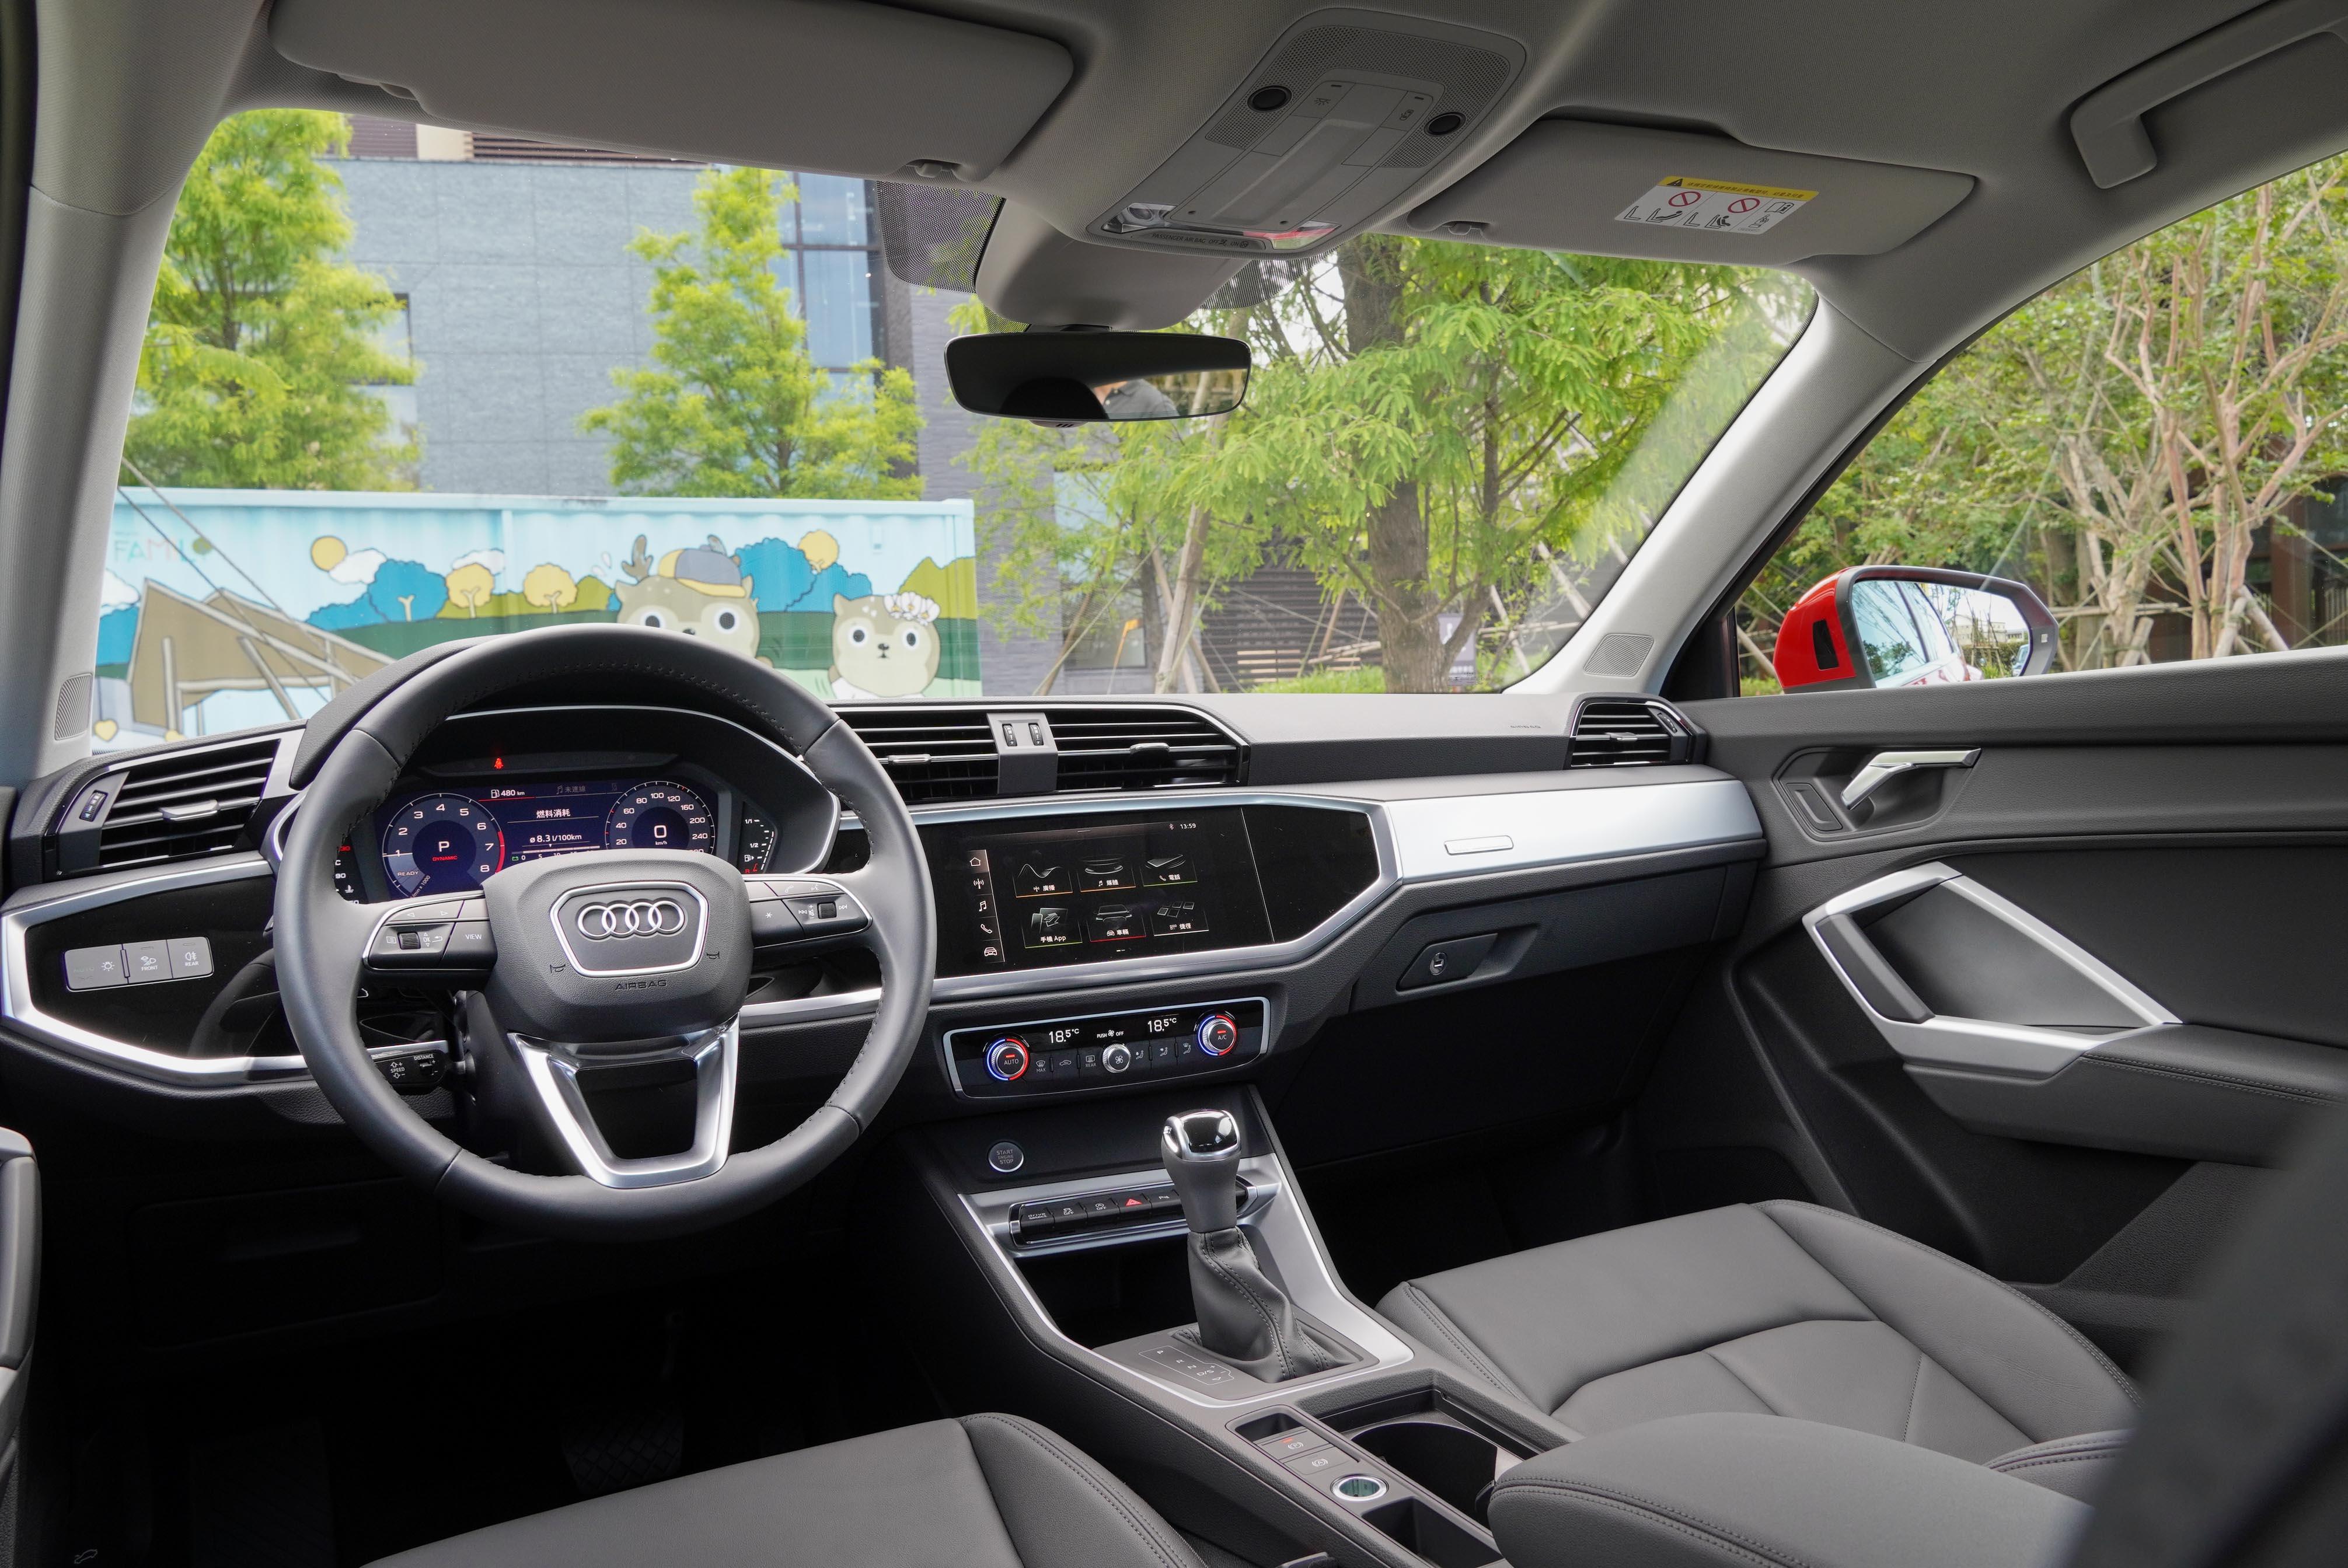 內裝標配 MMI radio plus 多媒體系統及 10 支揚聲器的 Audi sound system 環繞音響。